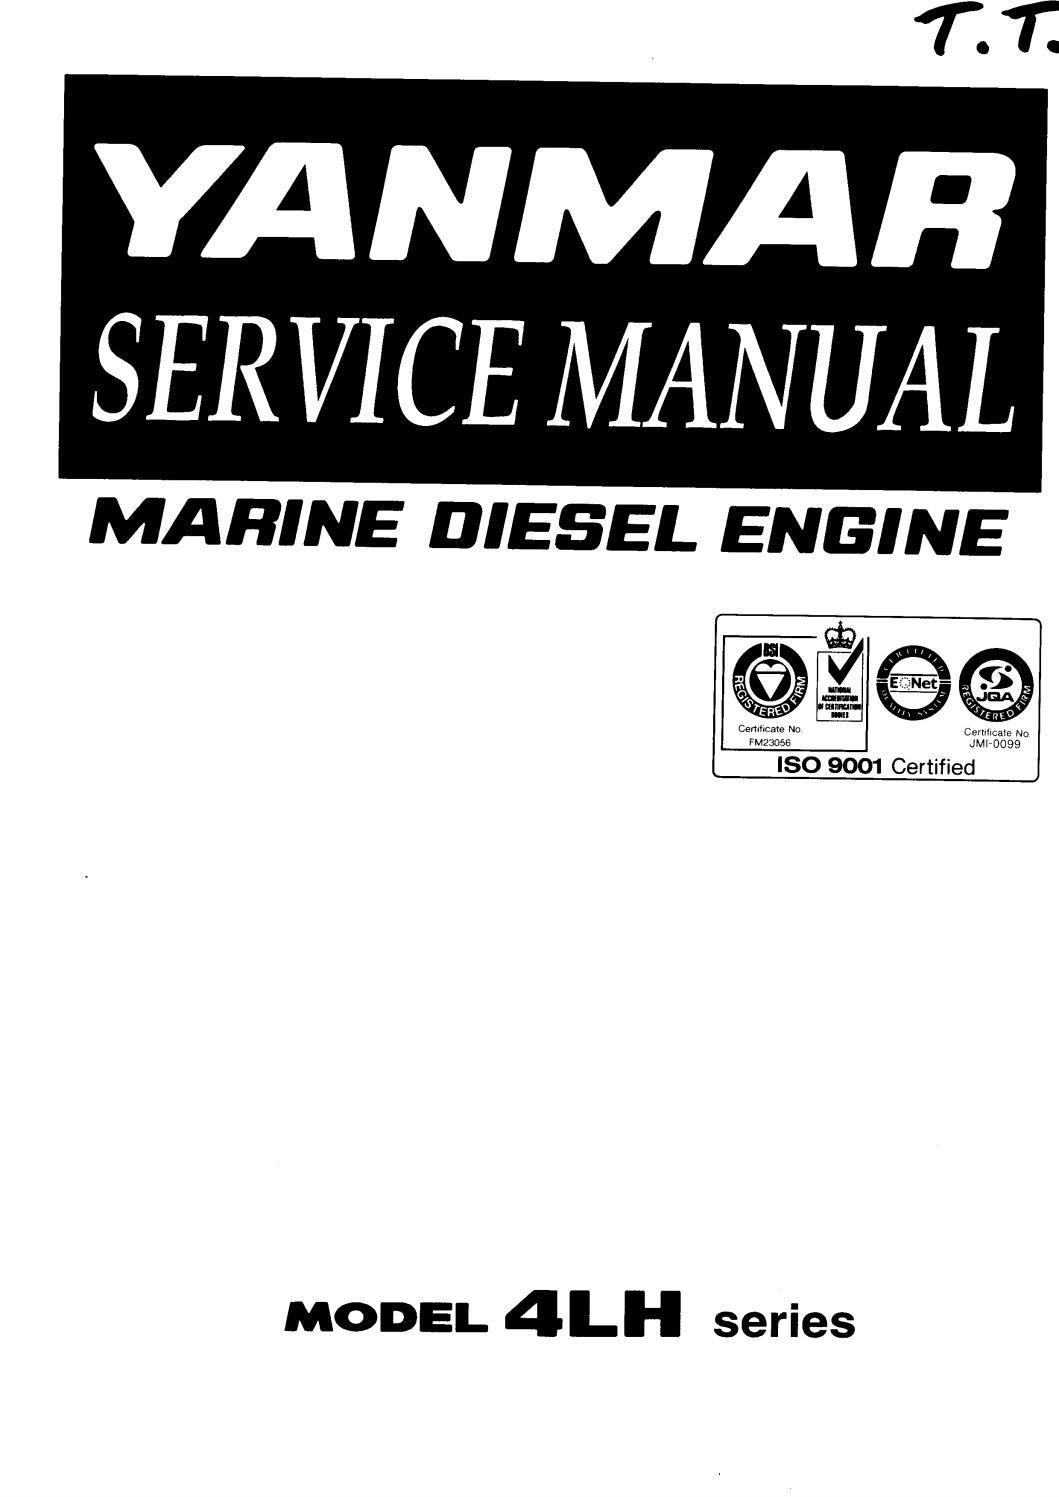 Yanmar 4lh dte series marine diesel engine service repair